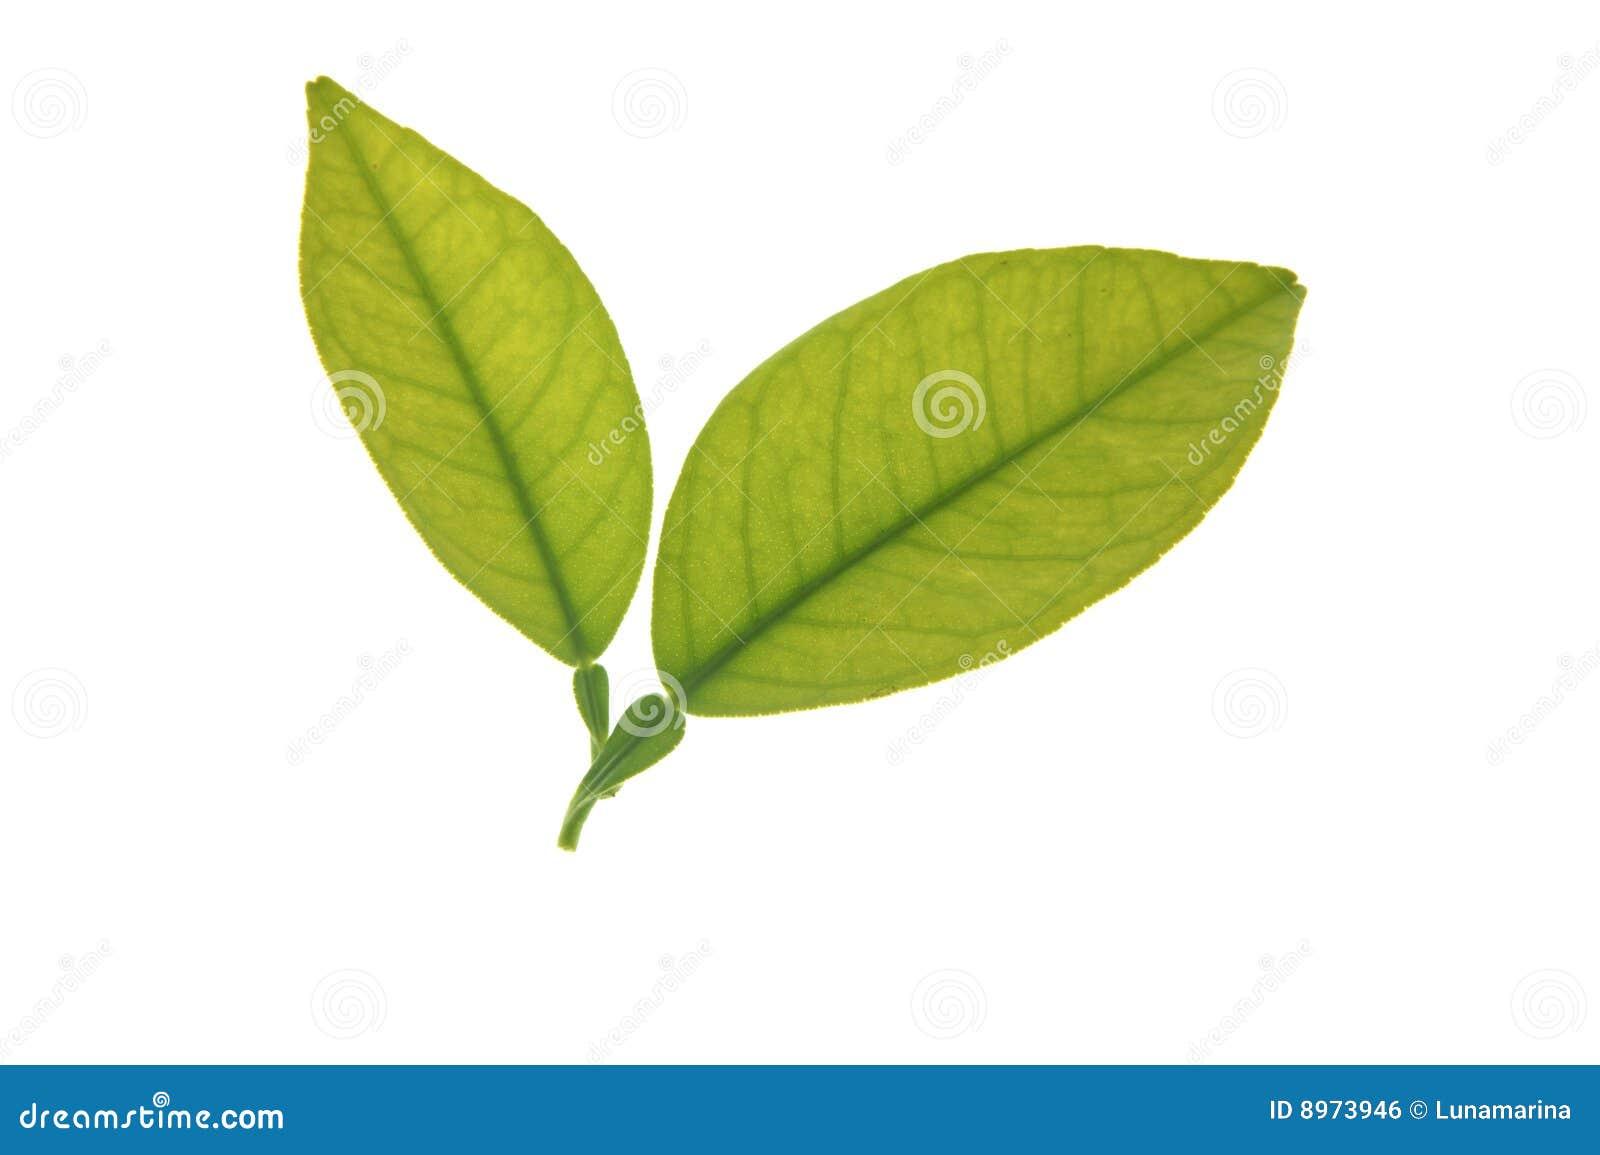 Dos Hojas Verdes Del árbol Anaranjado Aisladas Sobre